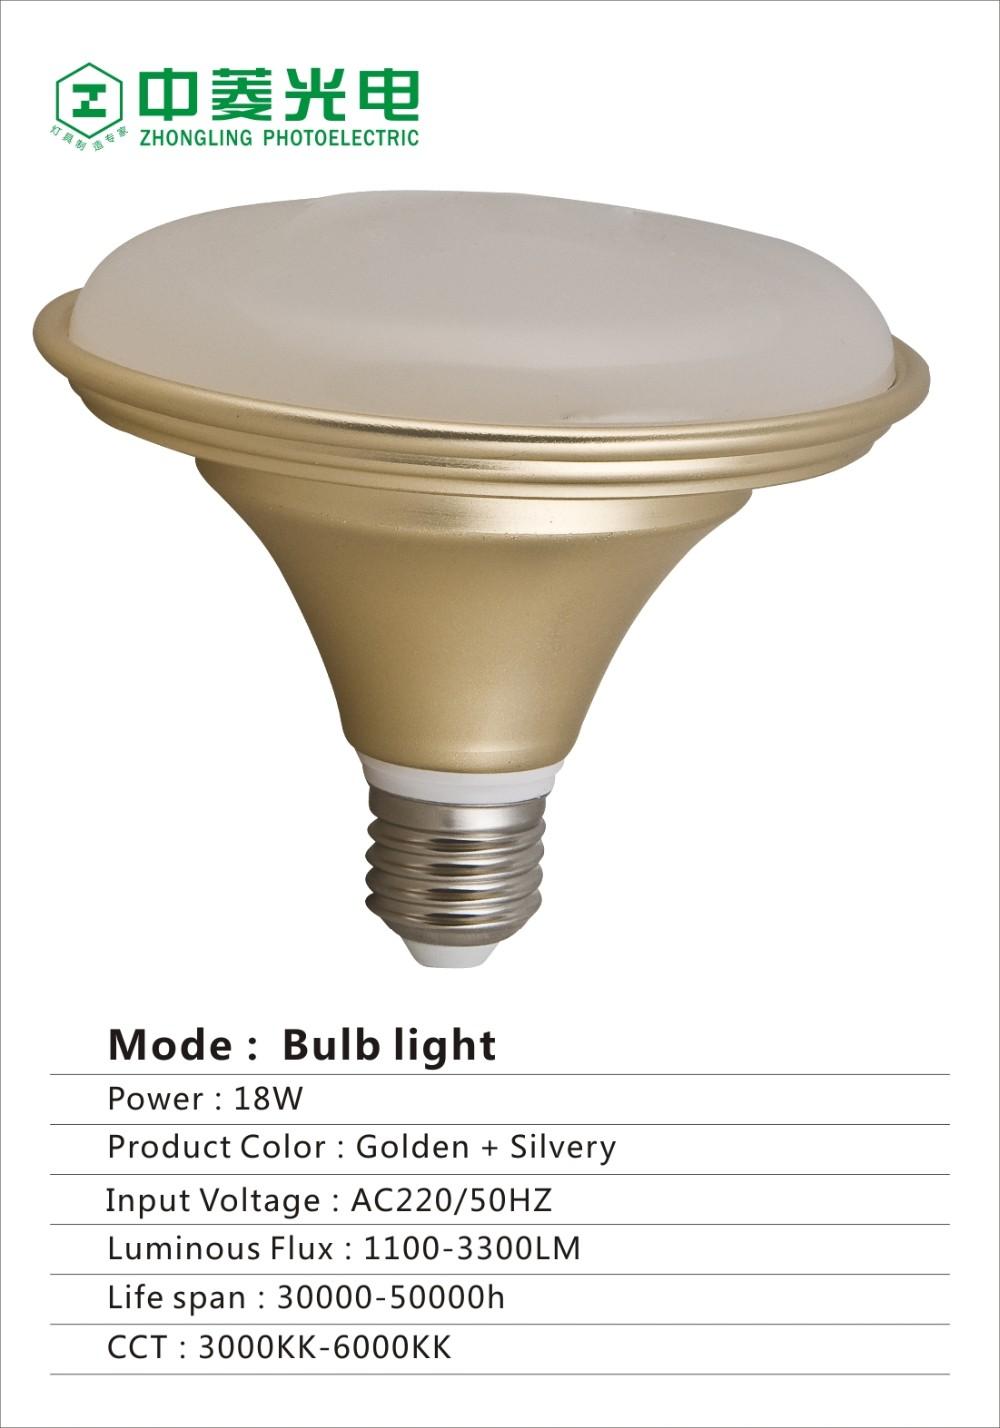 Led High Power Anti-glare Fluorescent Light Bulb